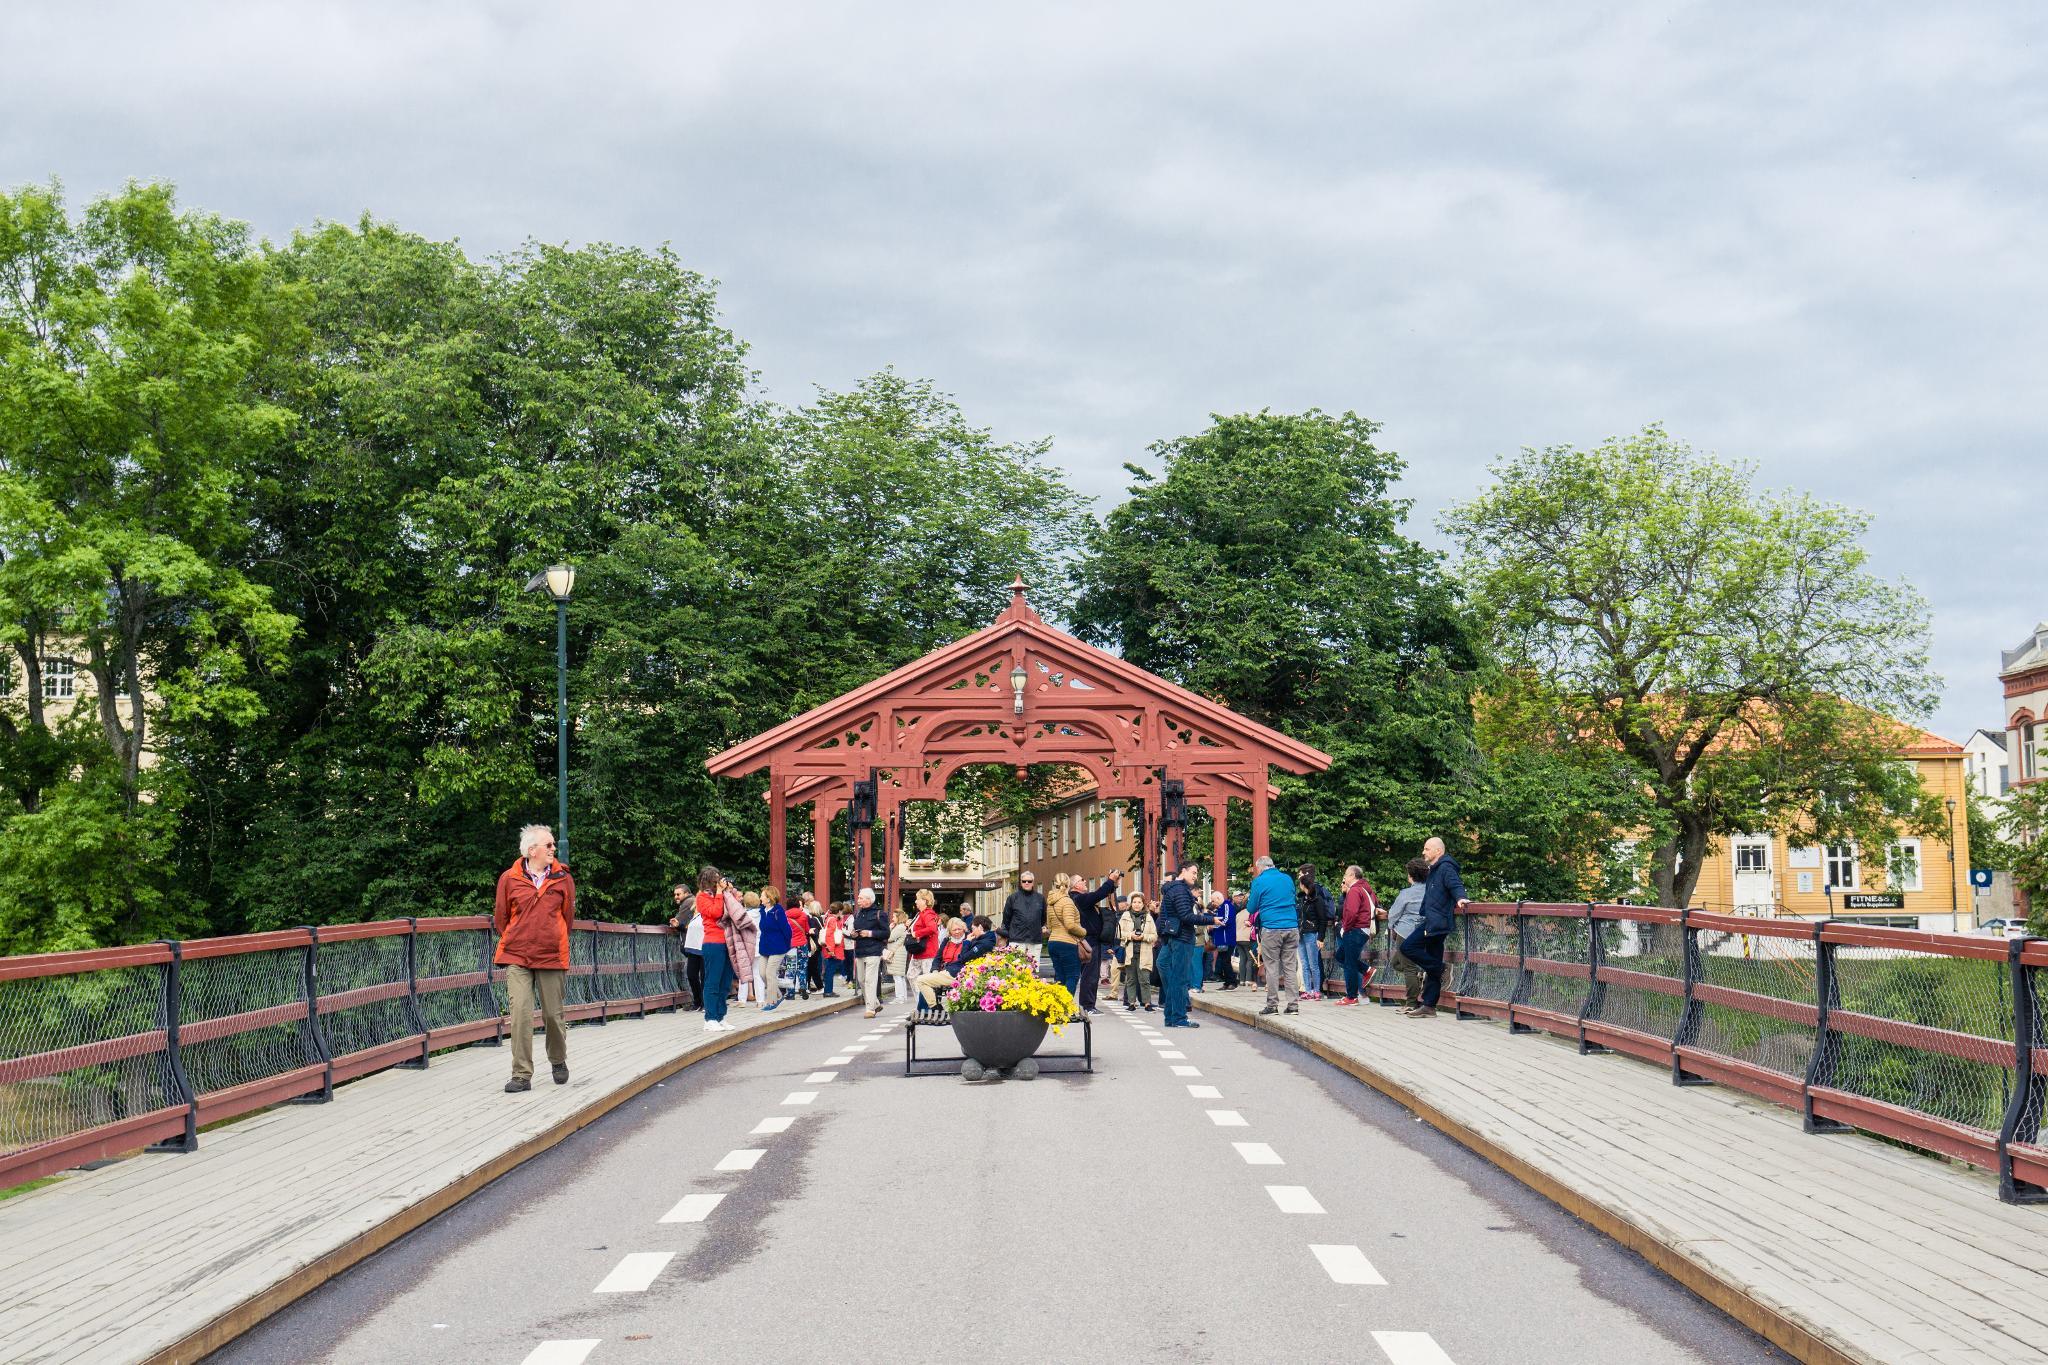 【北歐景點】拜訪維京王的千年古城 - Trondheim 特隆赫姆景點懶人包 12